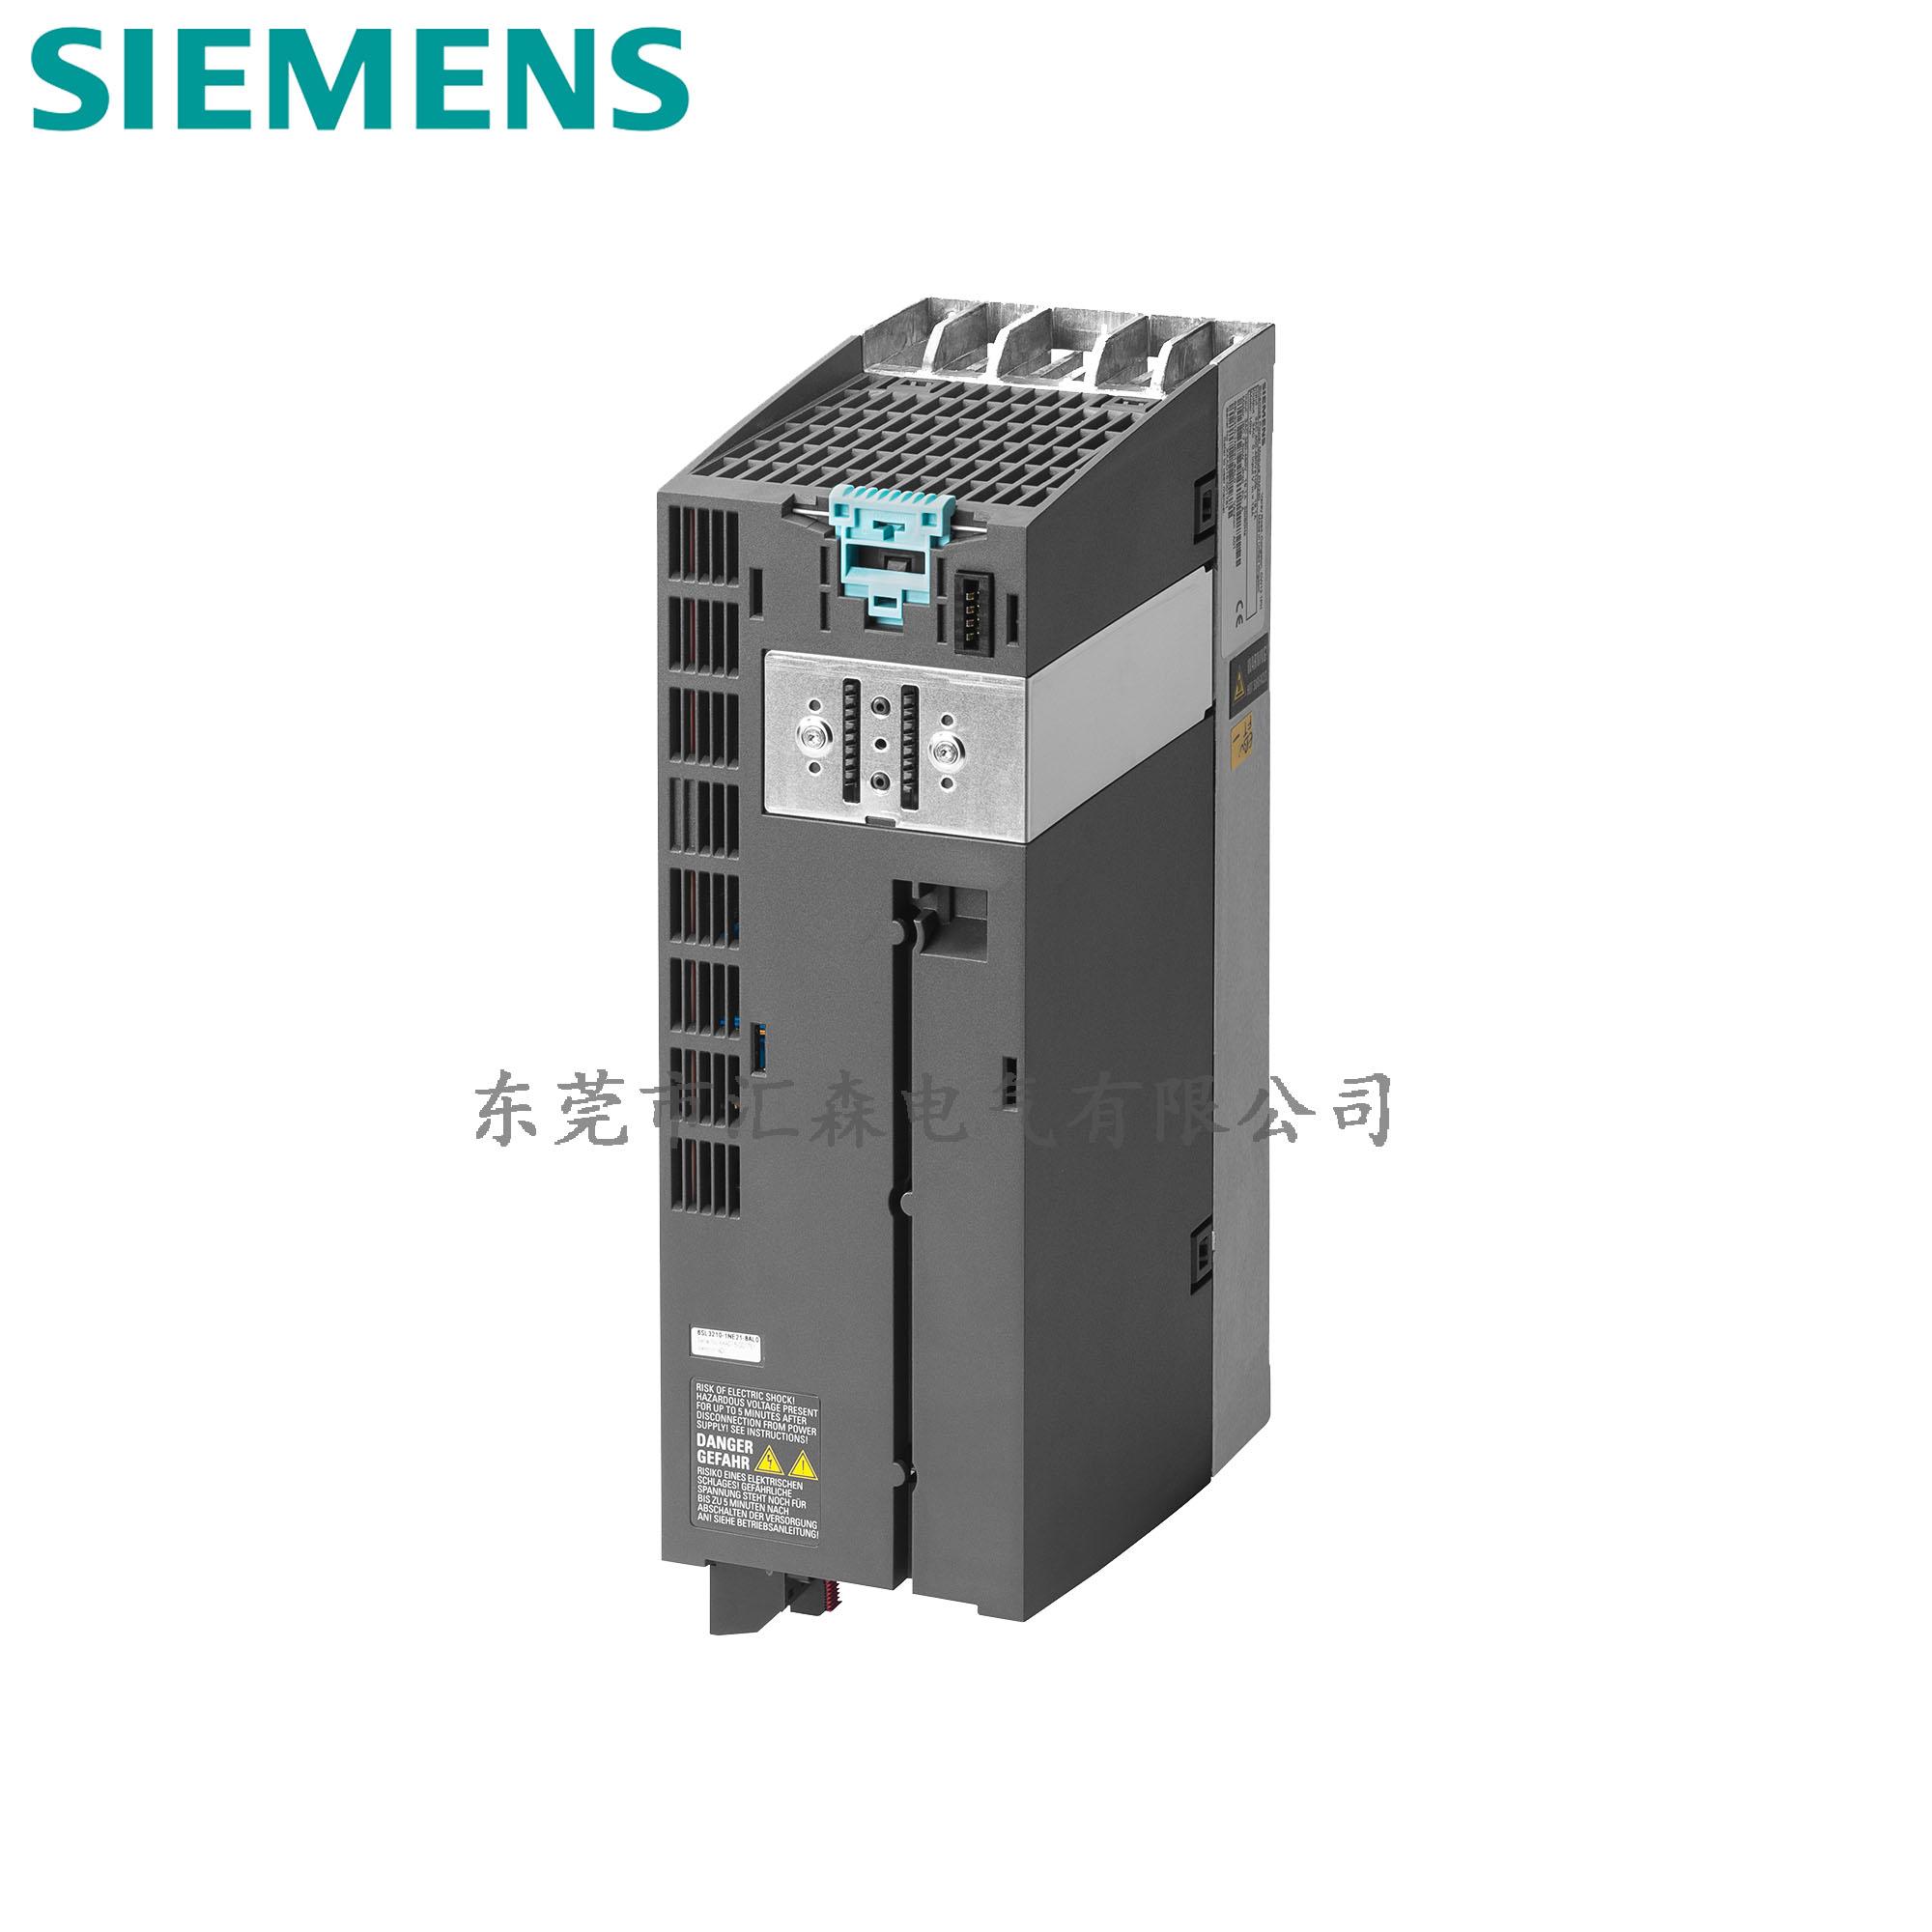 西门子变频器6SL3210-1PE11-8UL1